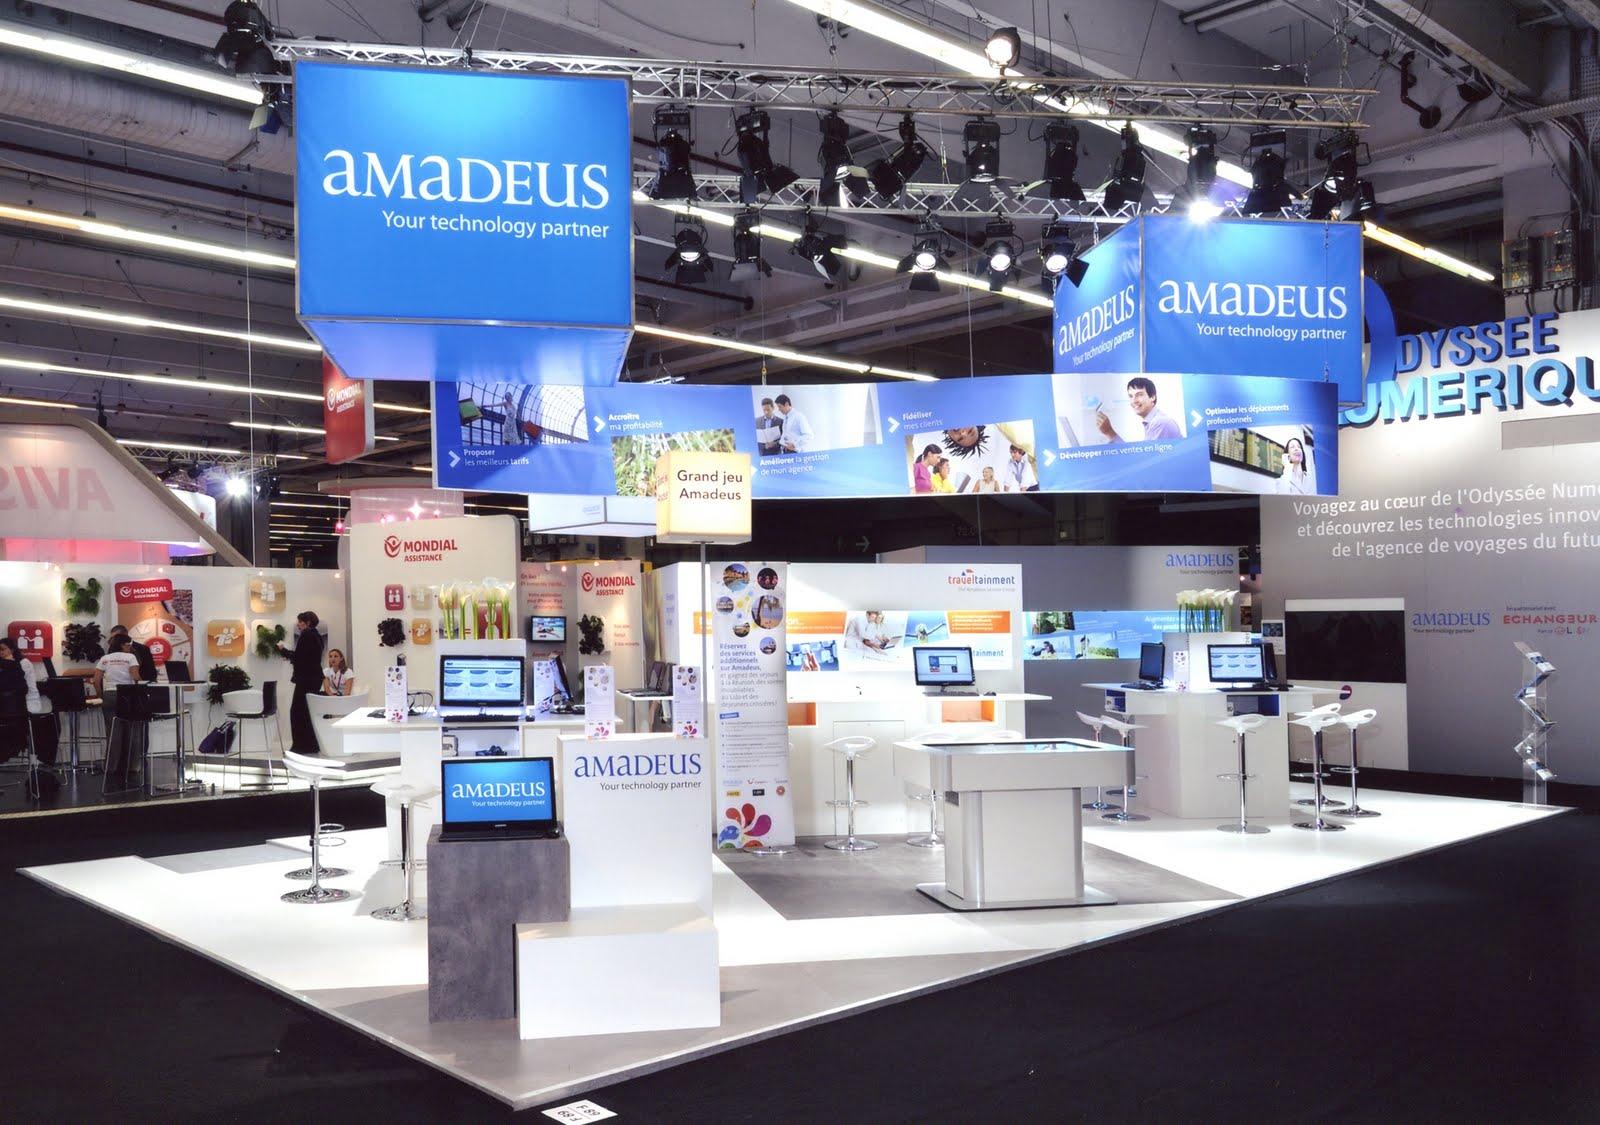 Design de l 39 v nement amadeus sur le salon iftm top r sa 2010 for Salon top resa